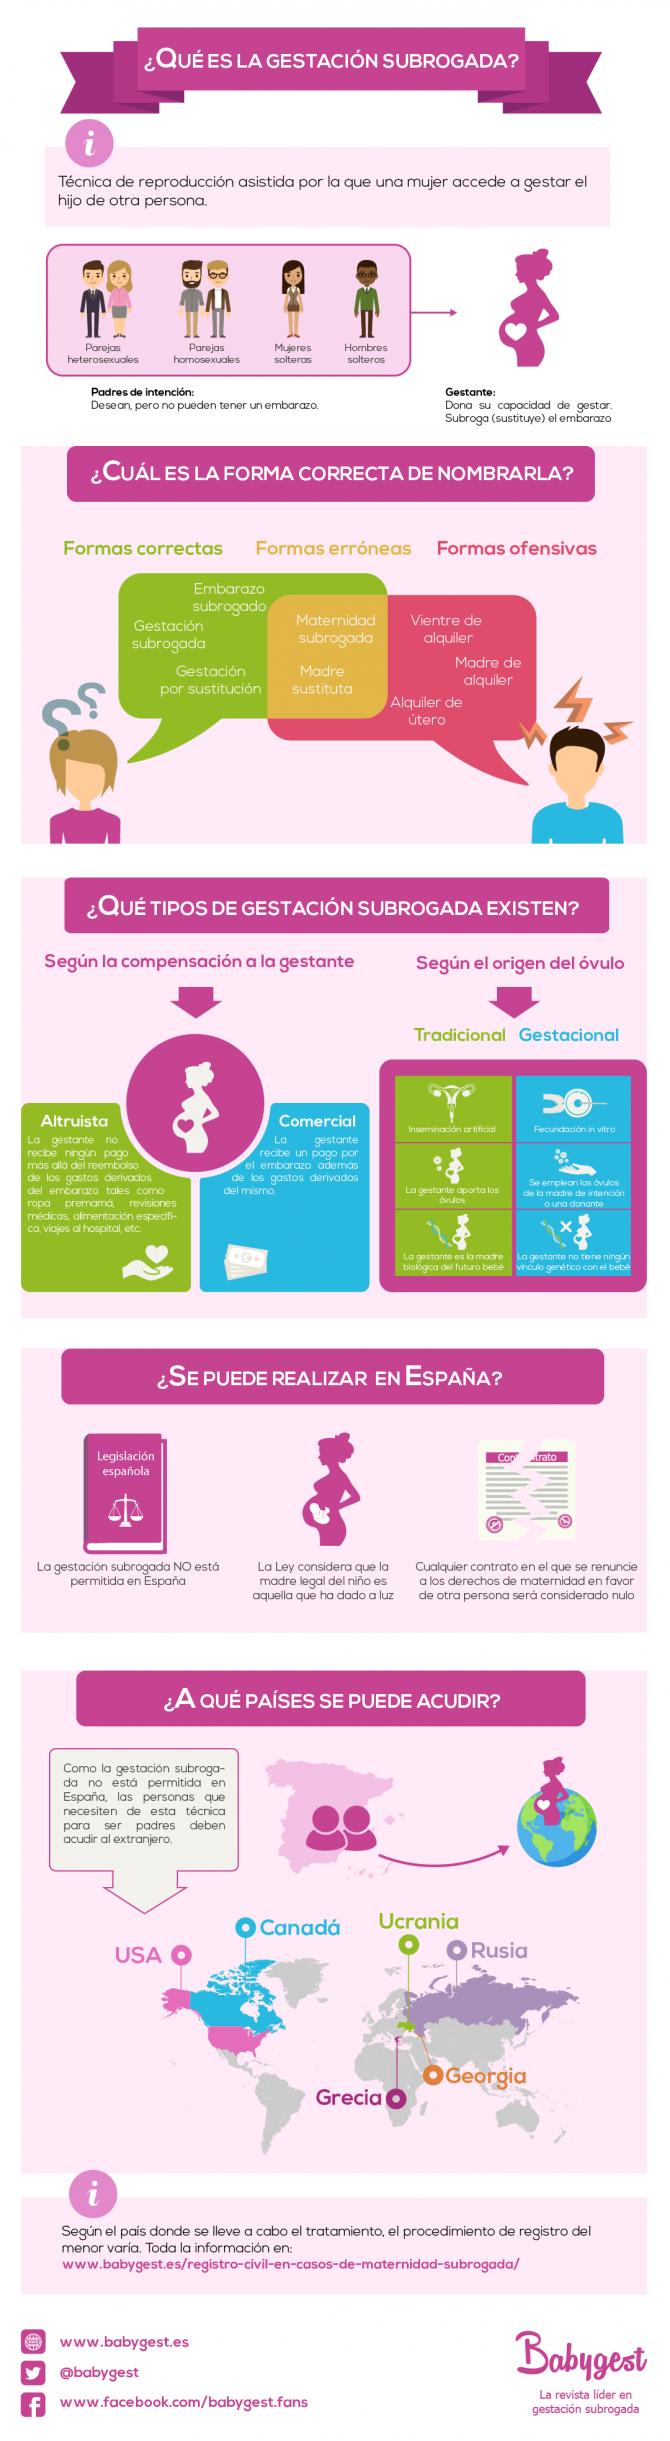 Infografía: definición y proceso de gestación subrogada